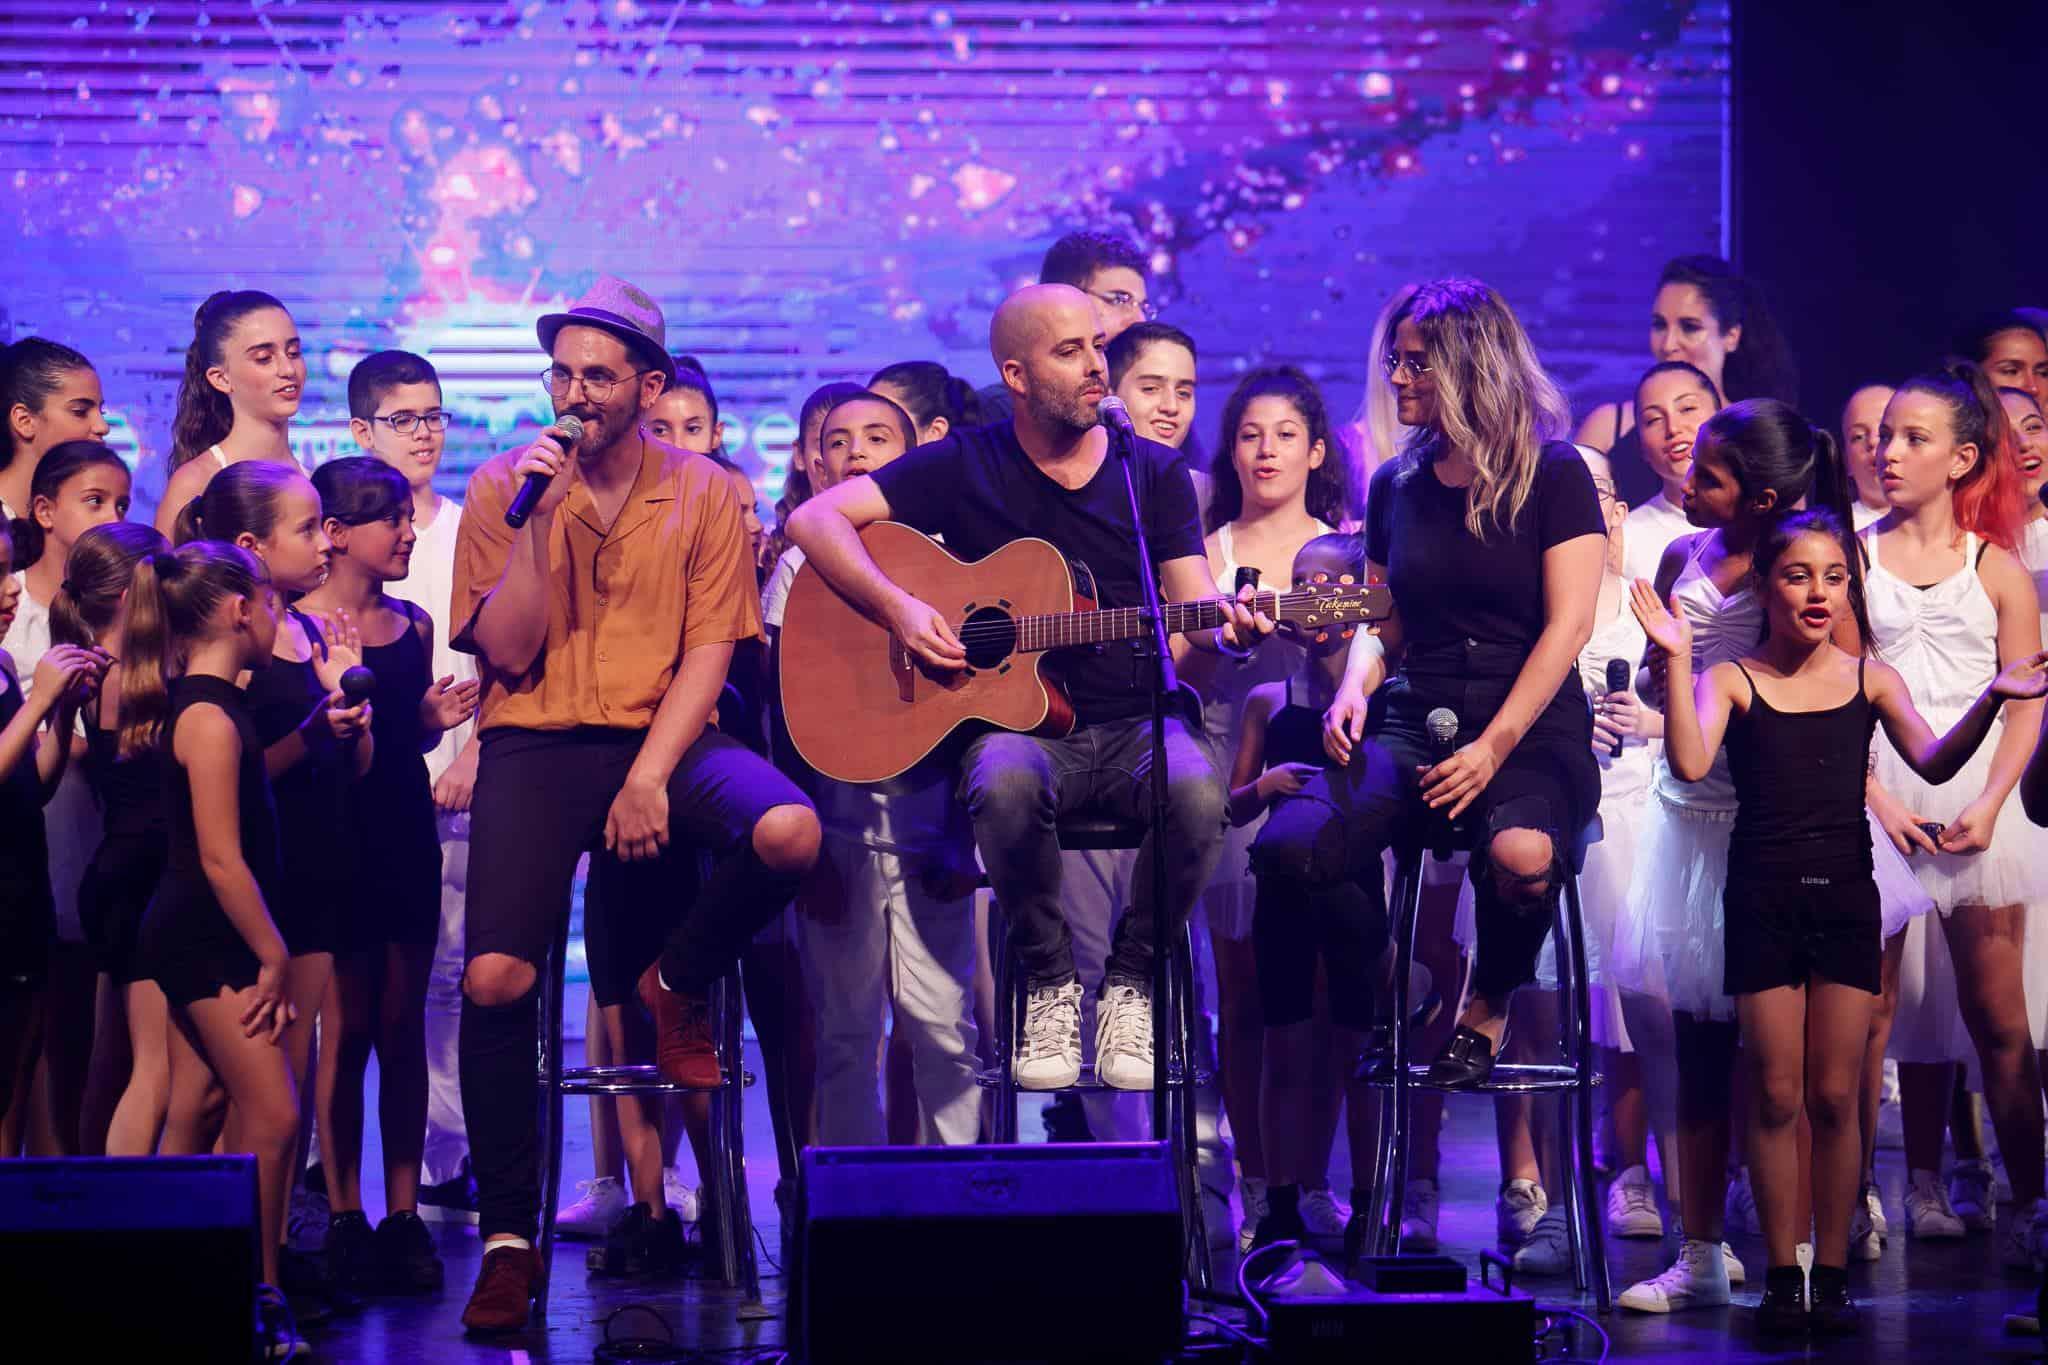 עילי בוטנר וחברי הלהקות מחולון על הבמה, צילום: אפי יוספי